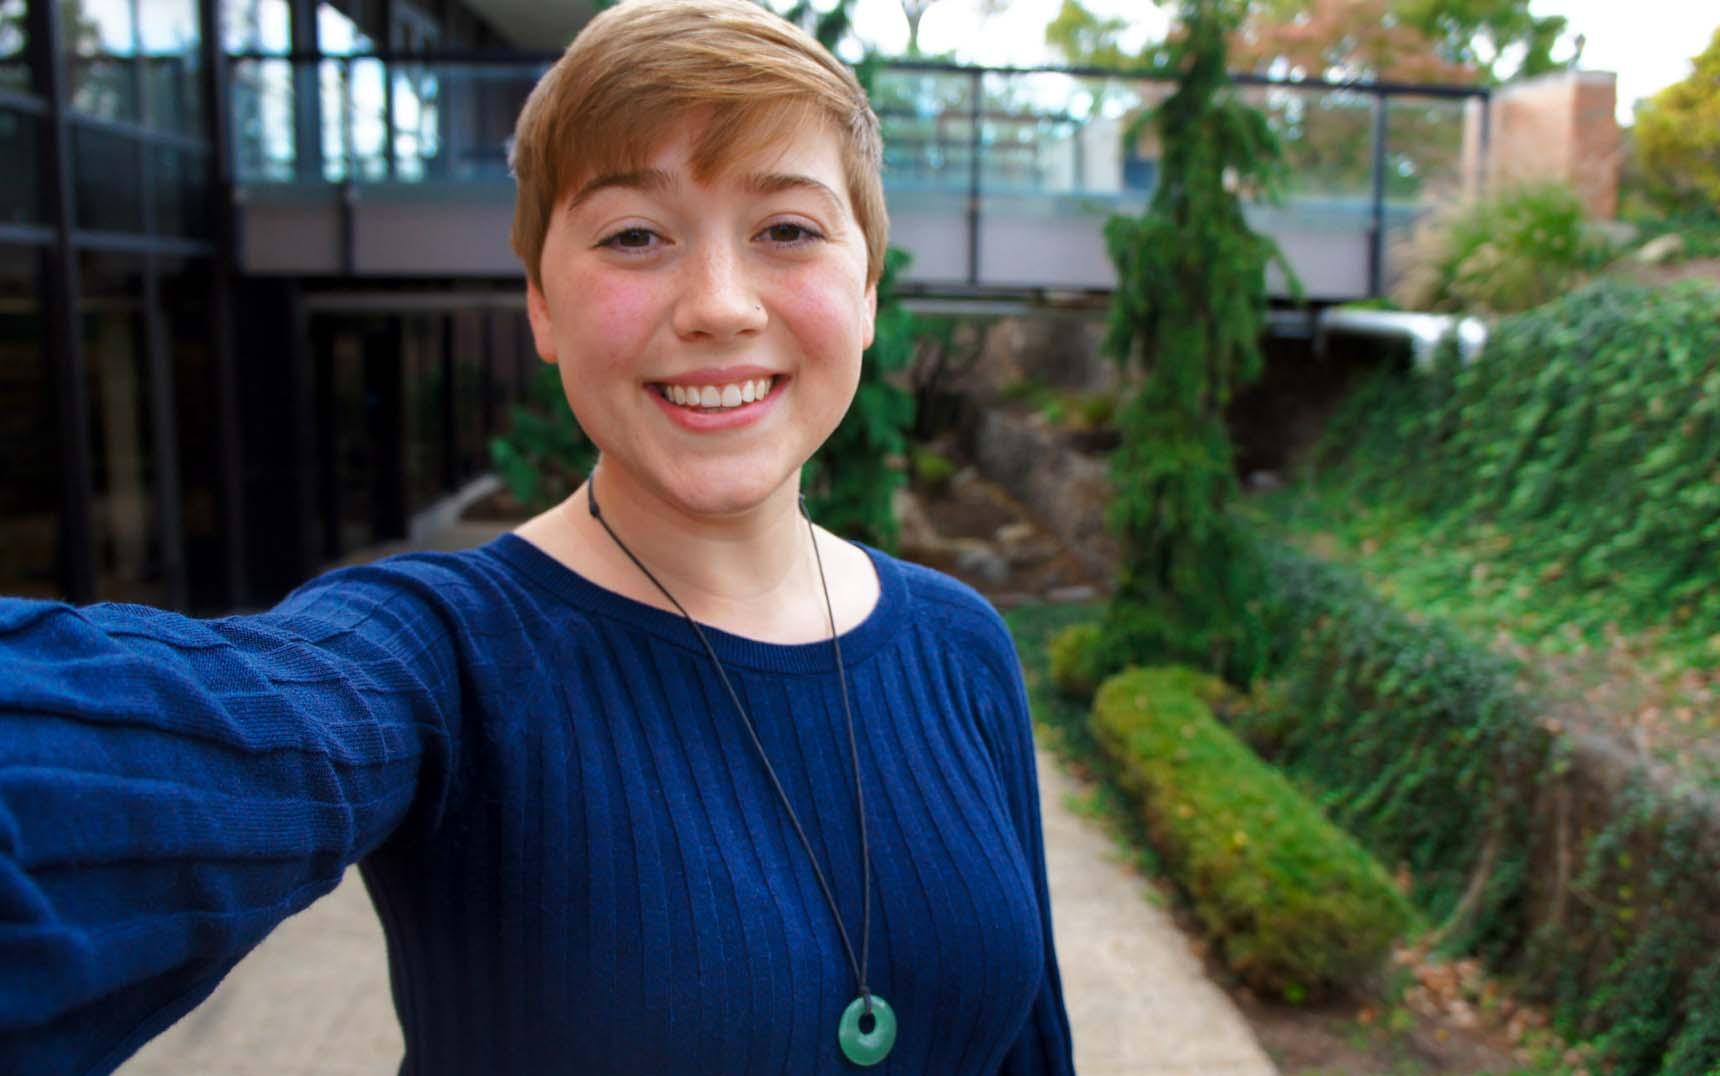 Amber Koon